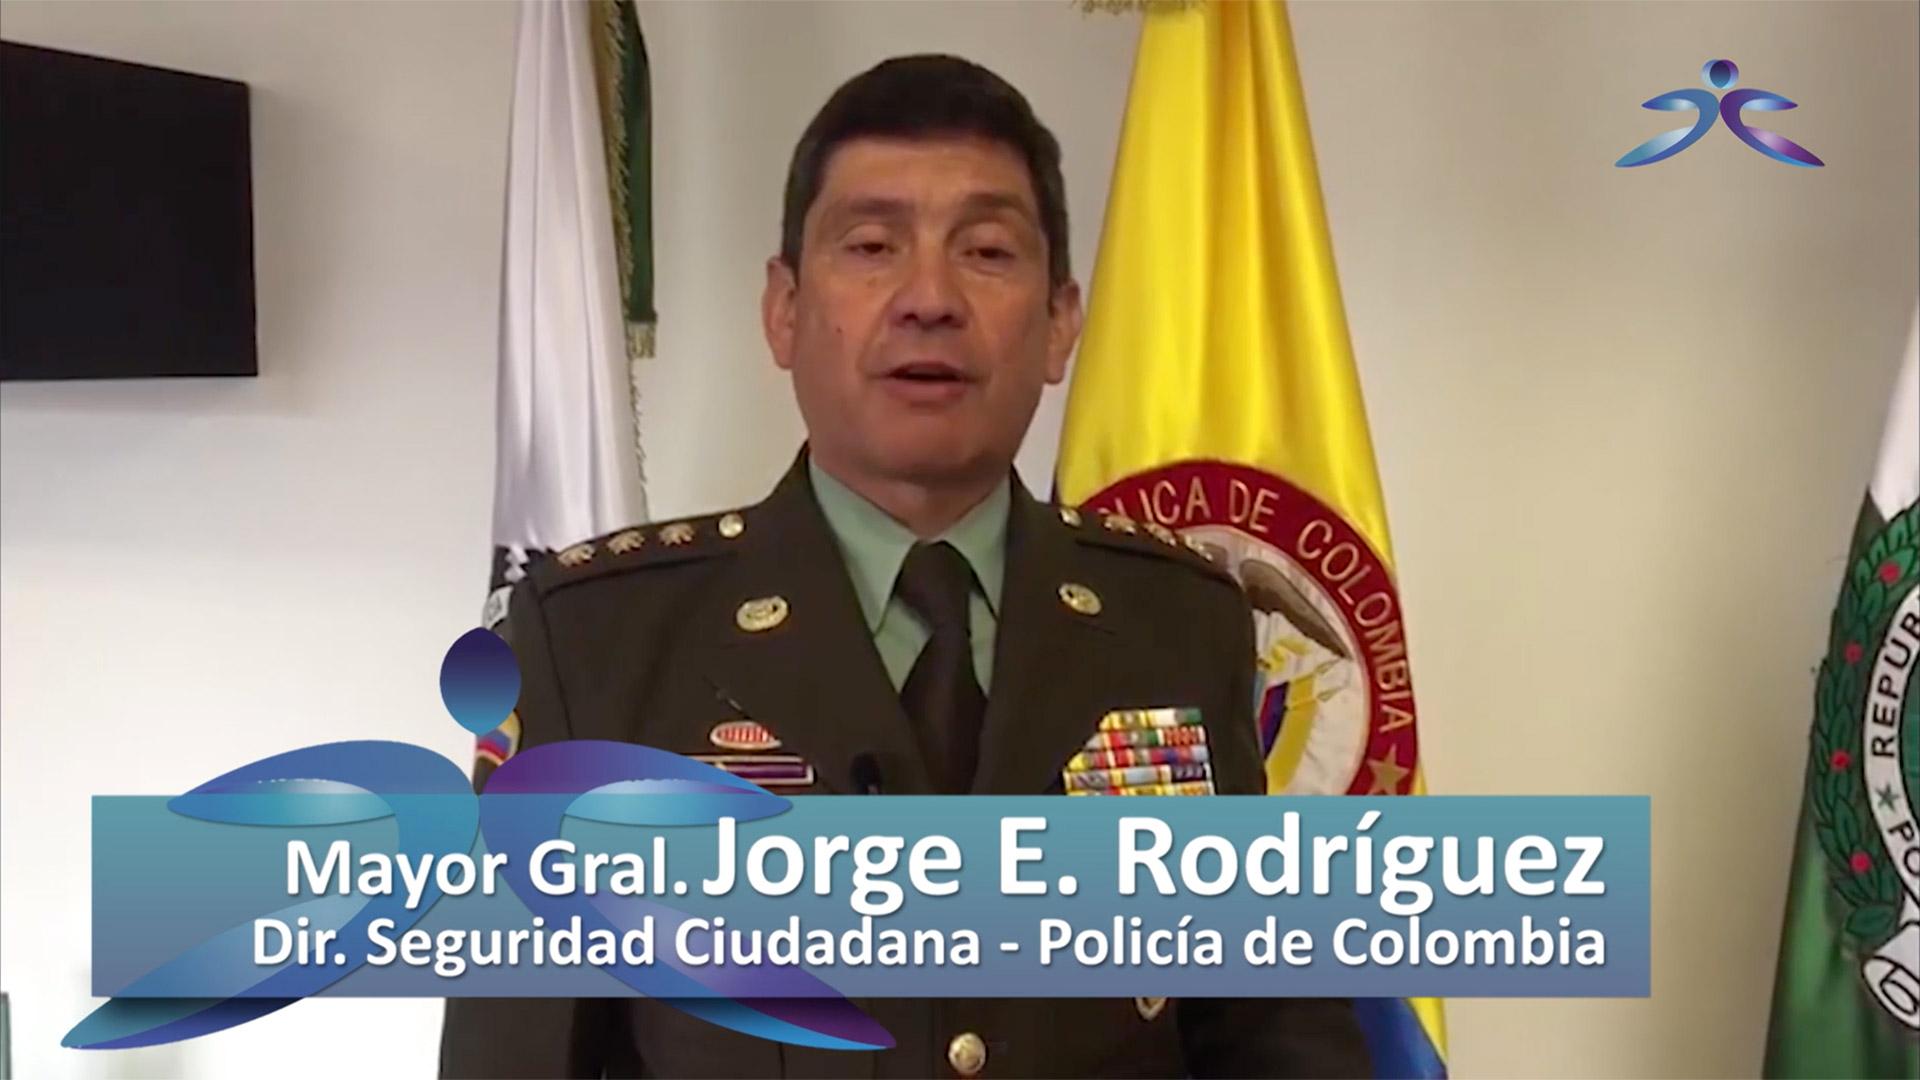 Jorge Enrique Rodríguez Peralta